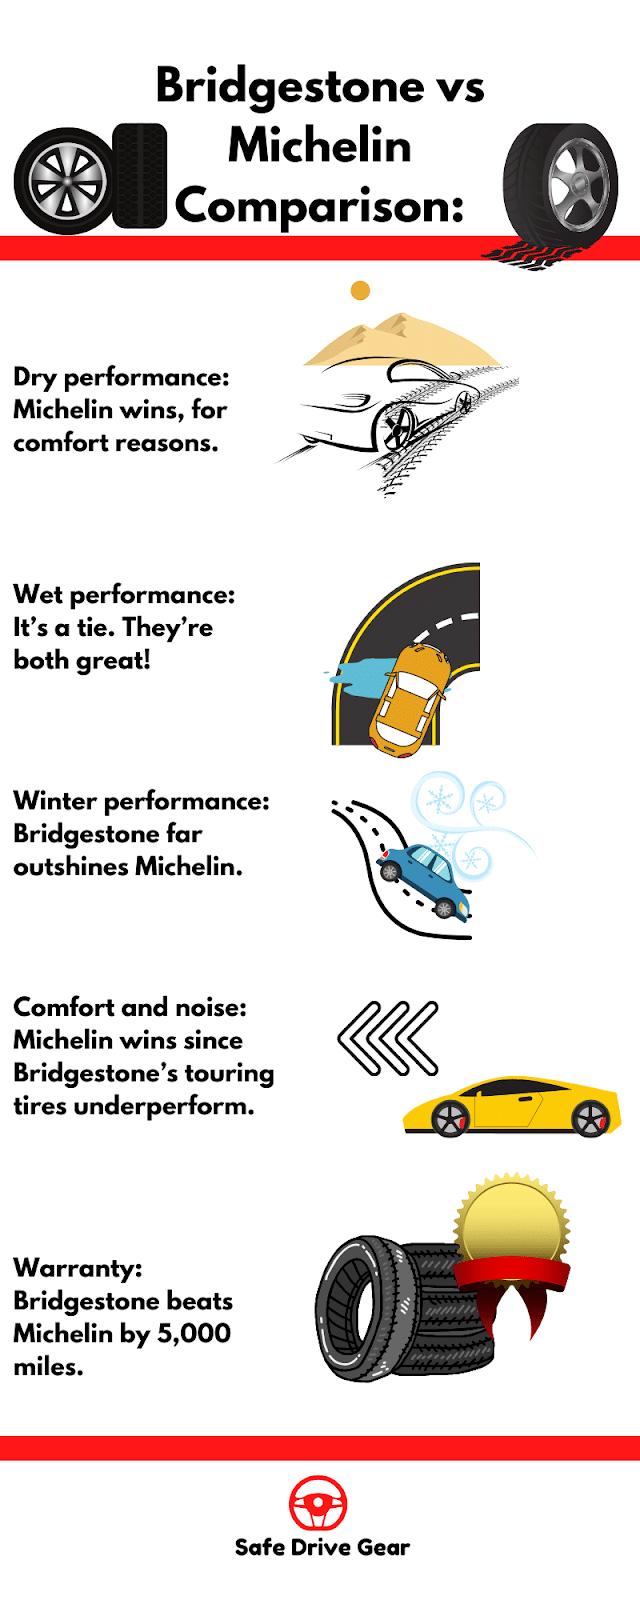 Bridgestone vs Michelin infographic